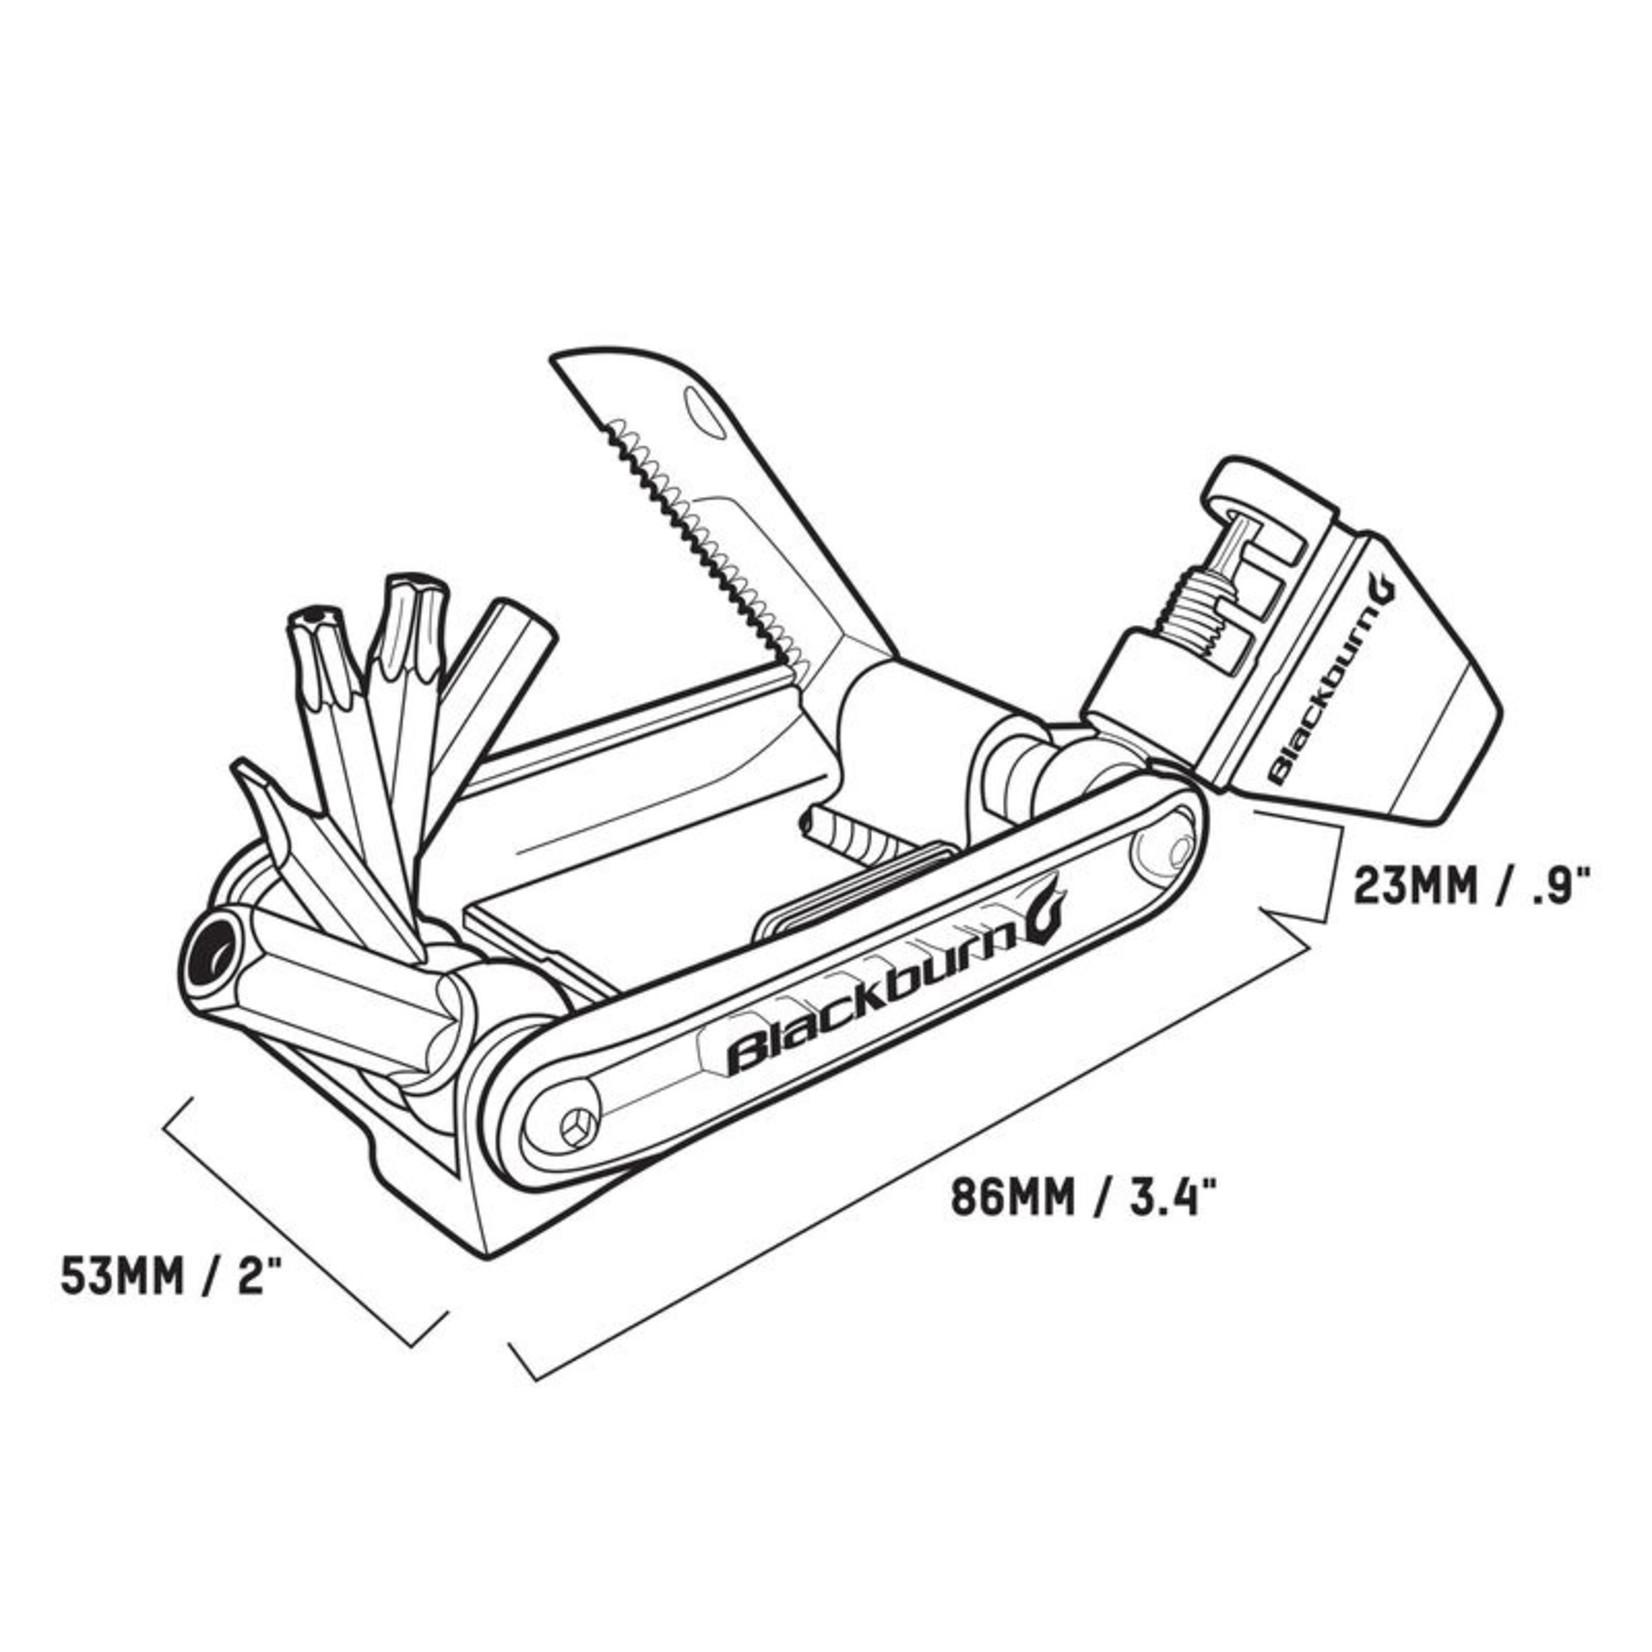 BLACKBURN Tools - Wayside Multitool, Pewter